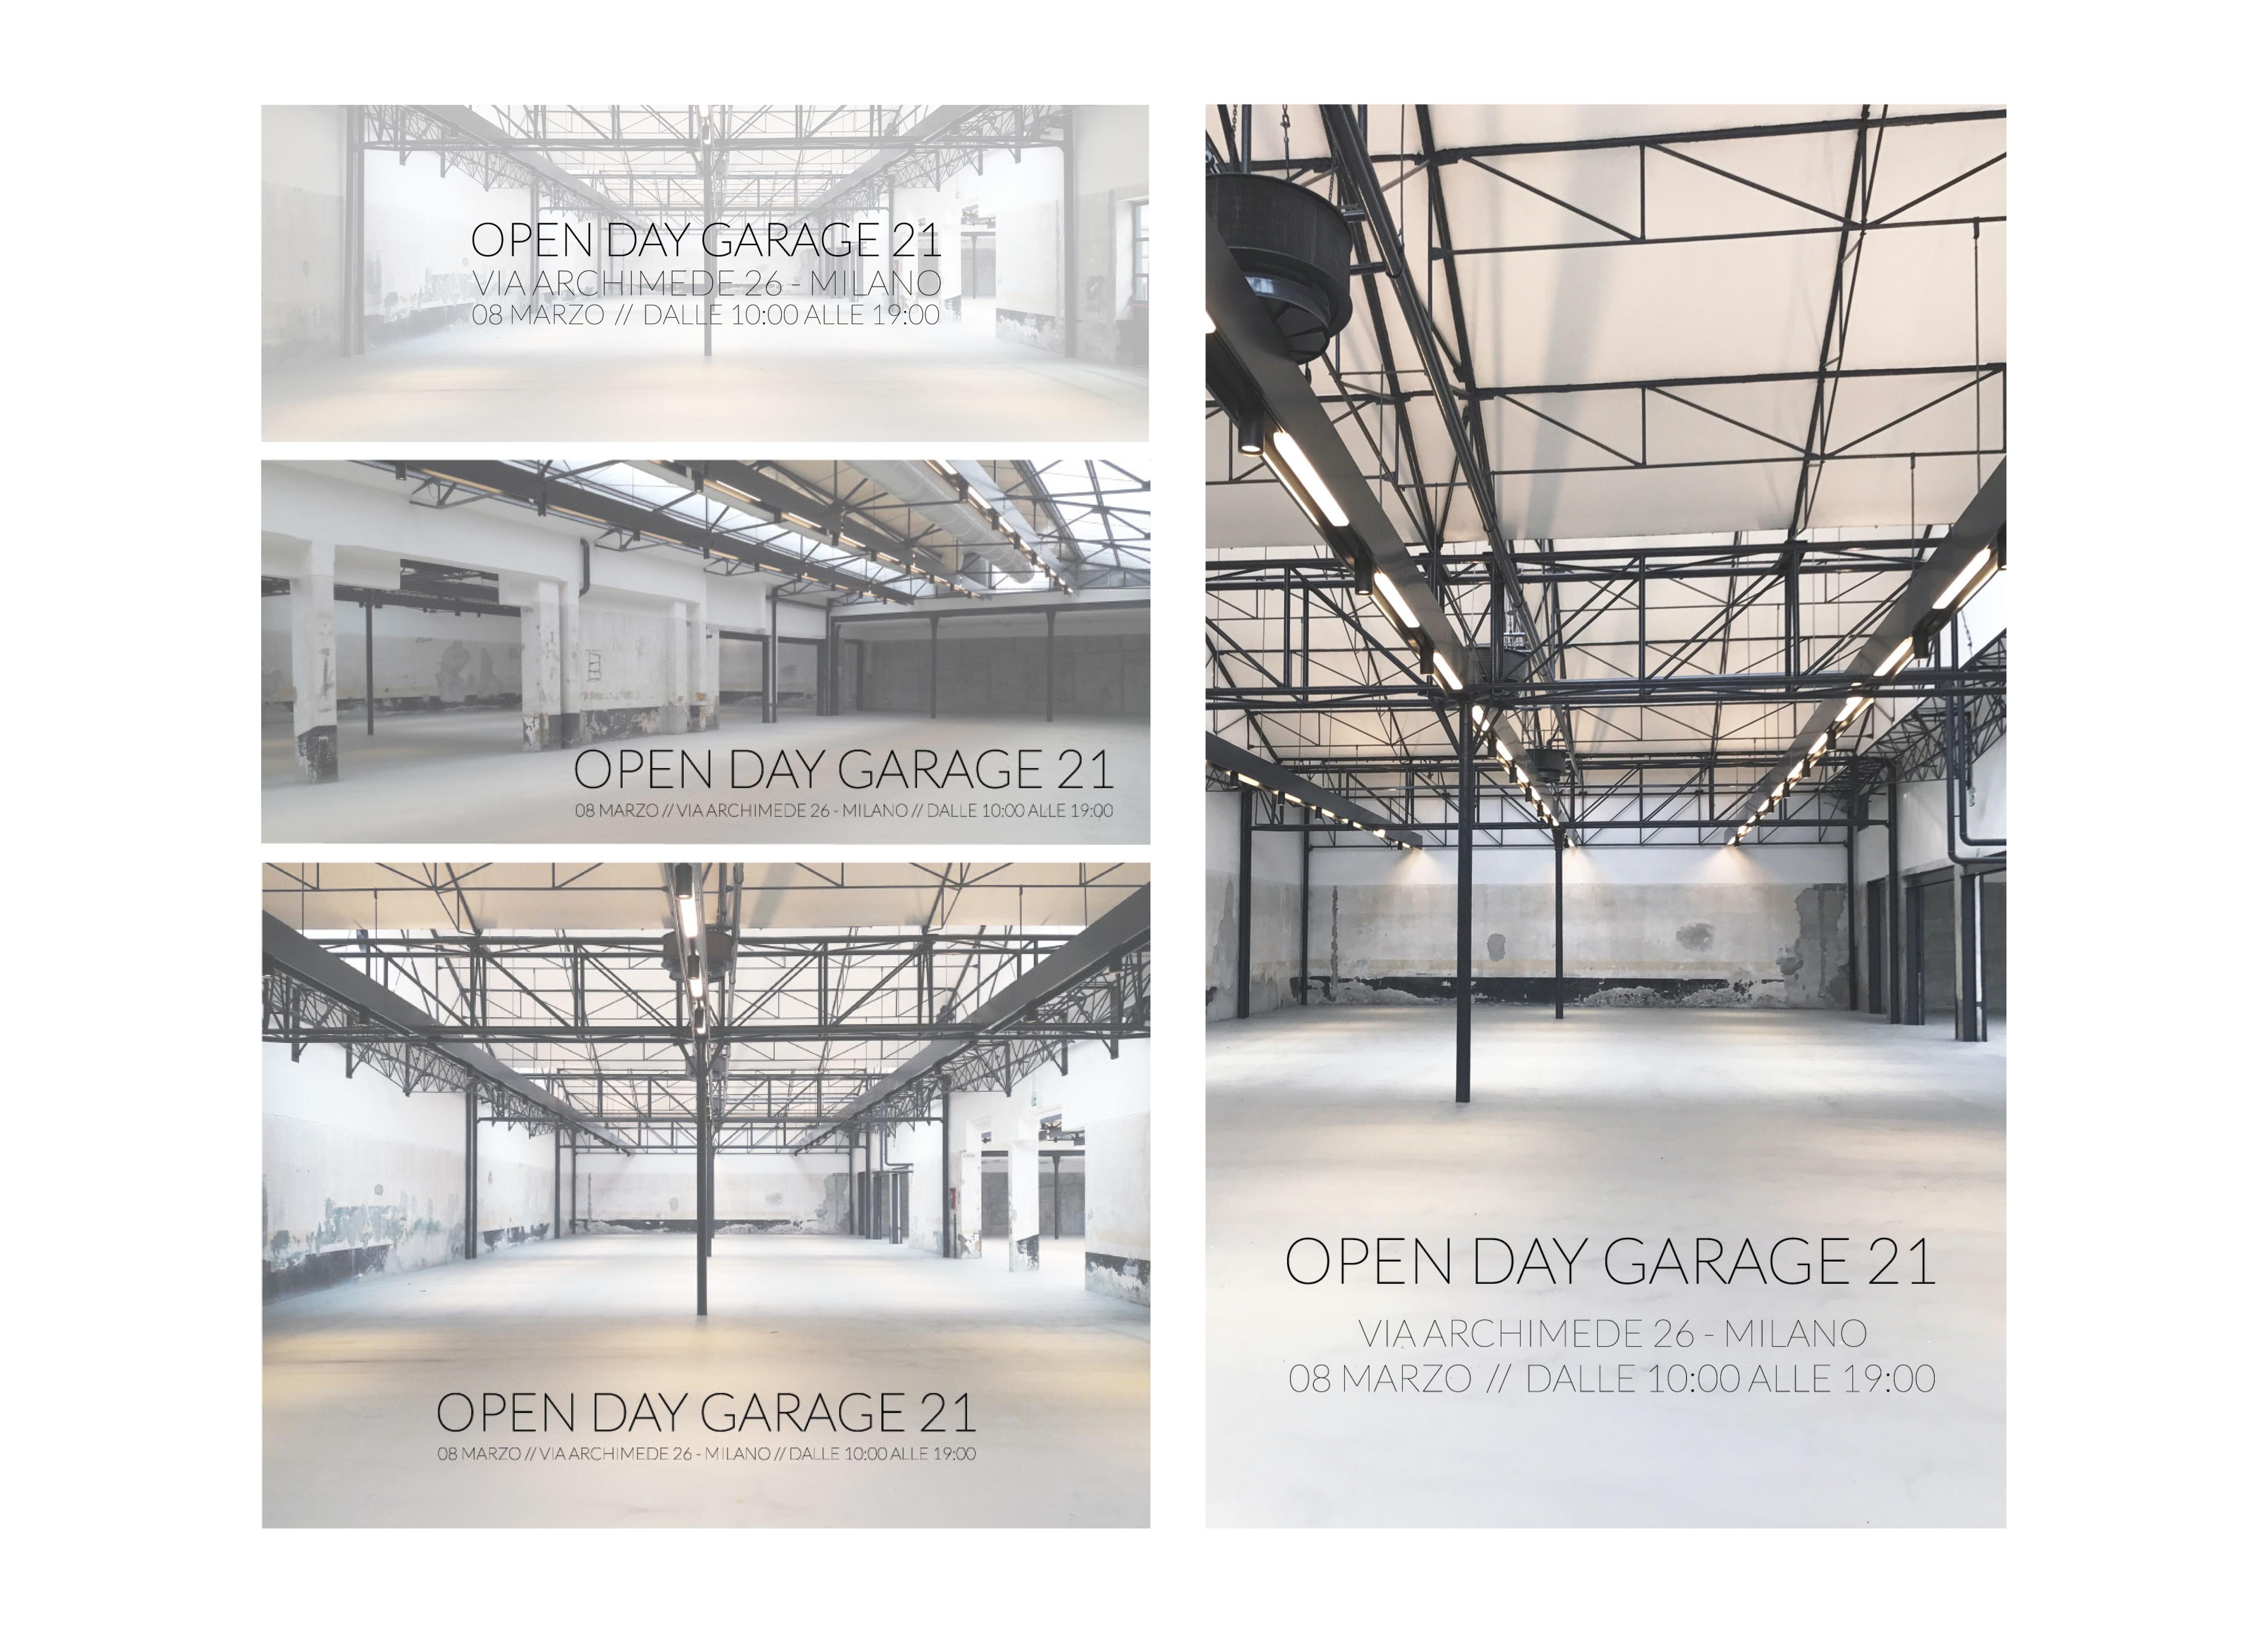 garage_21_open_day